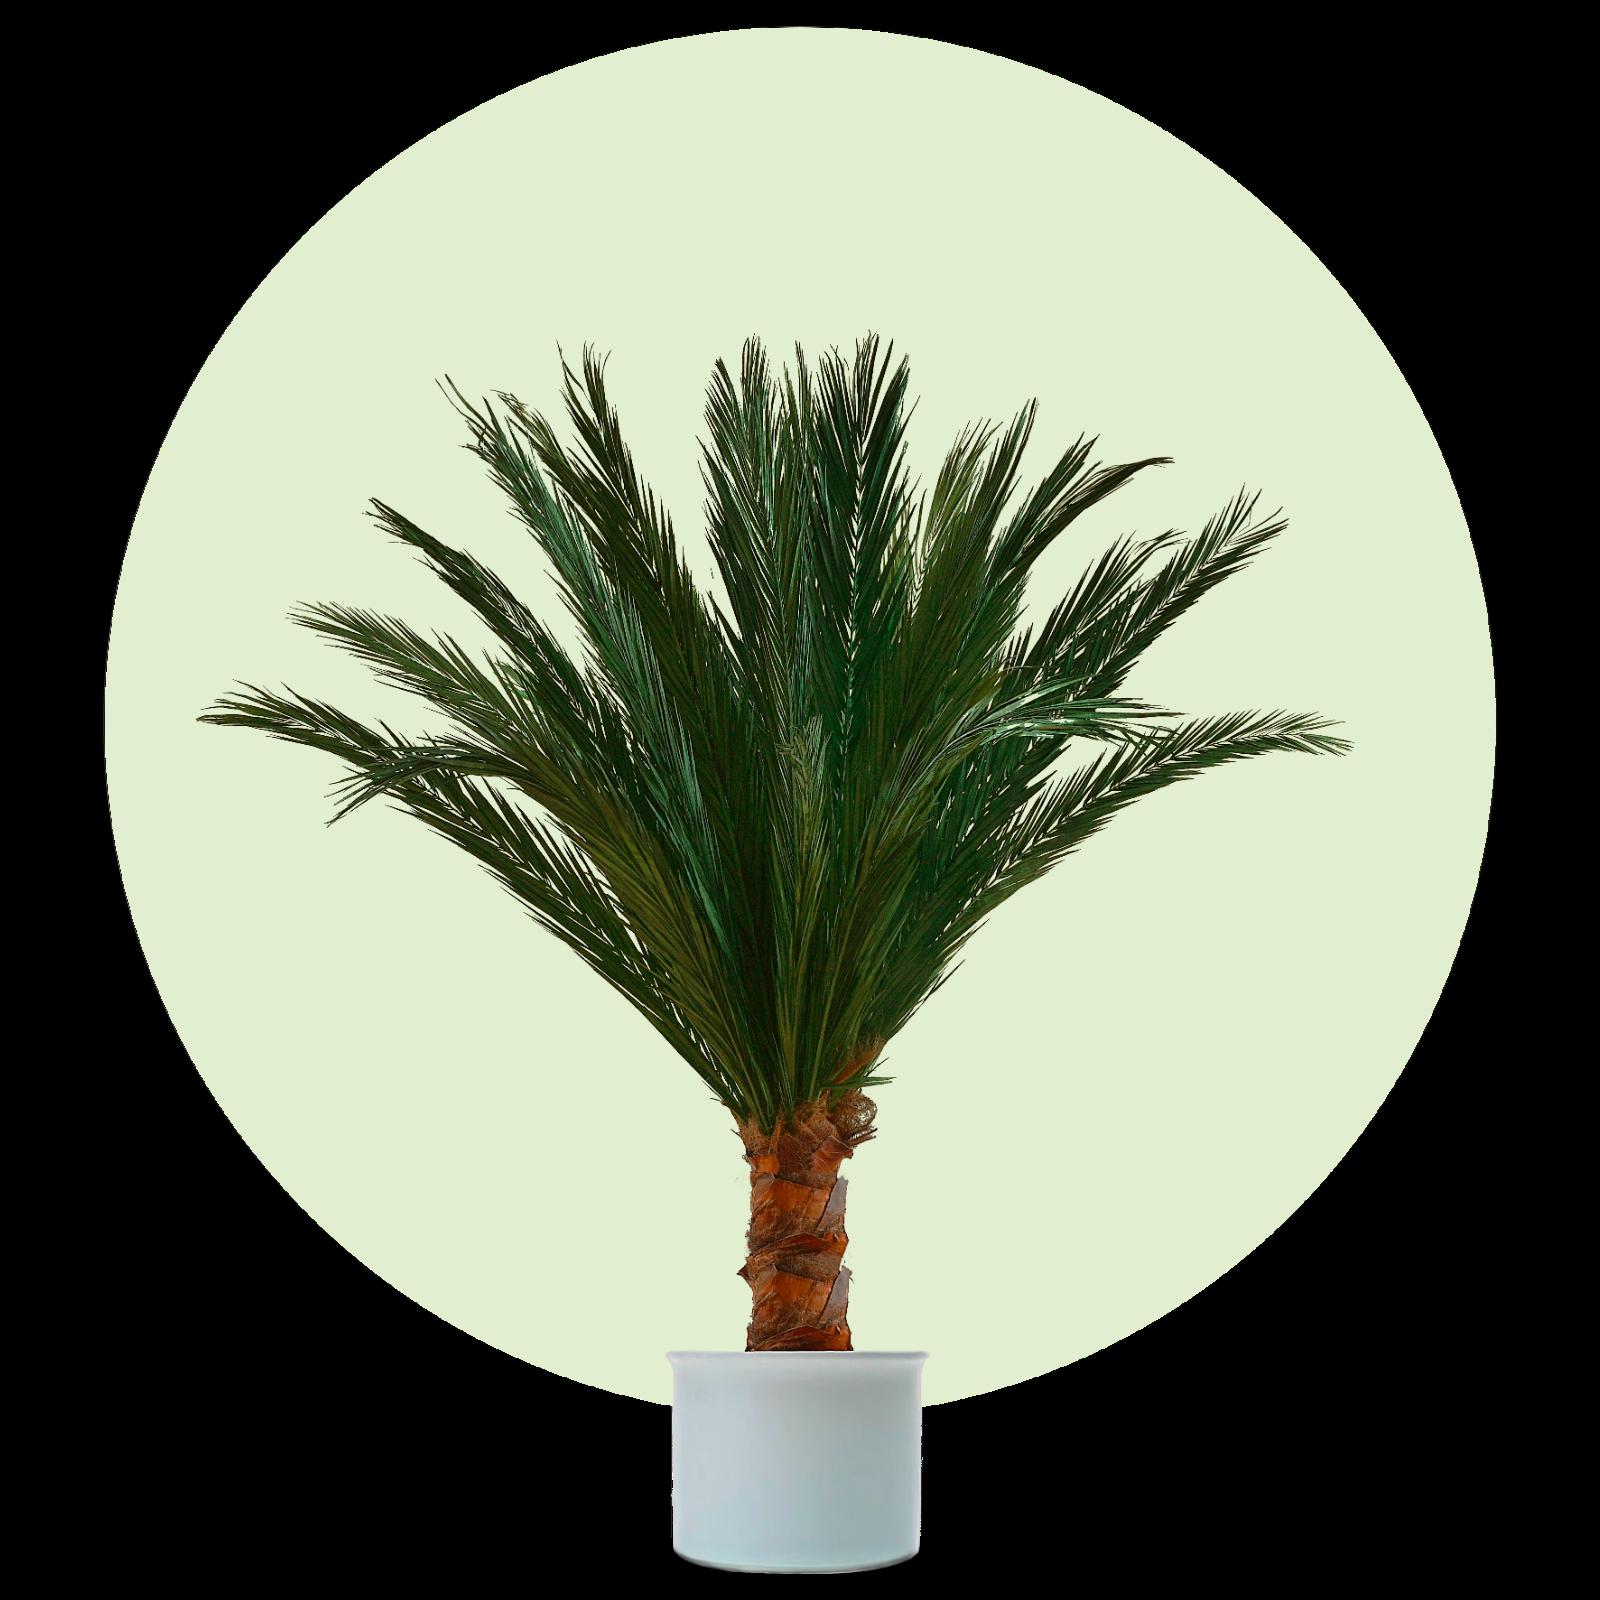 Kunstpalme, künstliche Palme, Dekopalme, Palme, echte Palmwedel